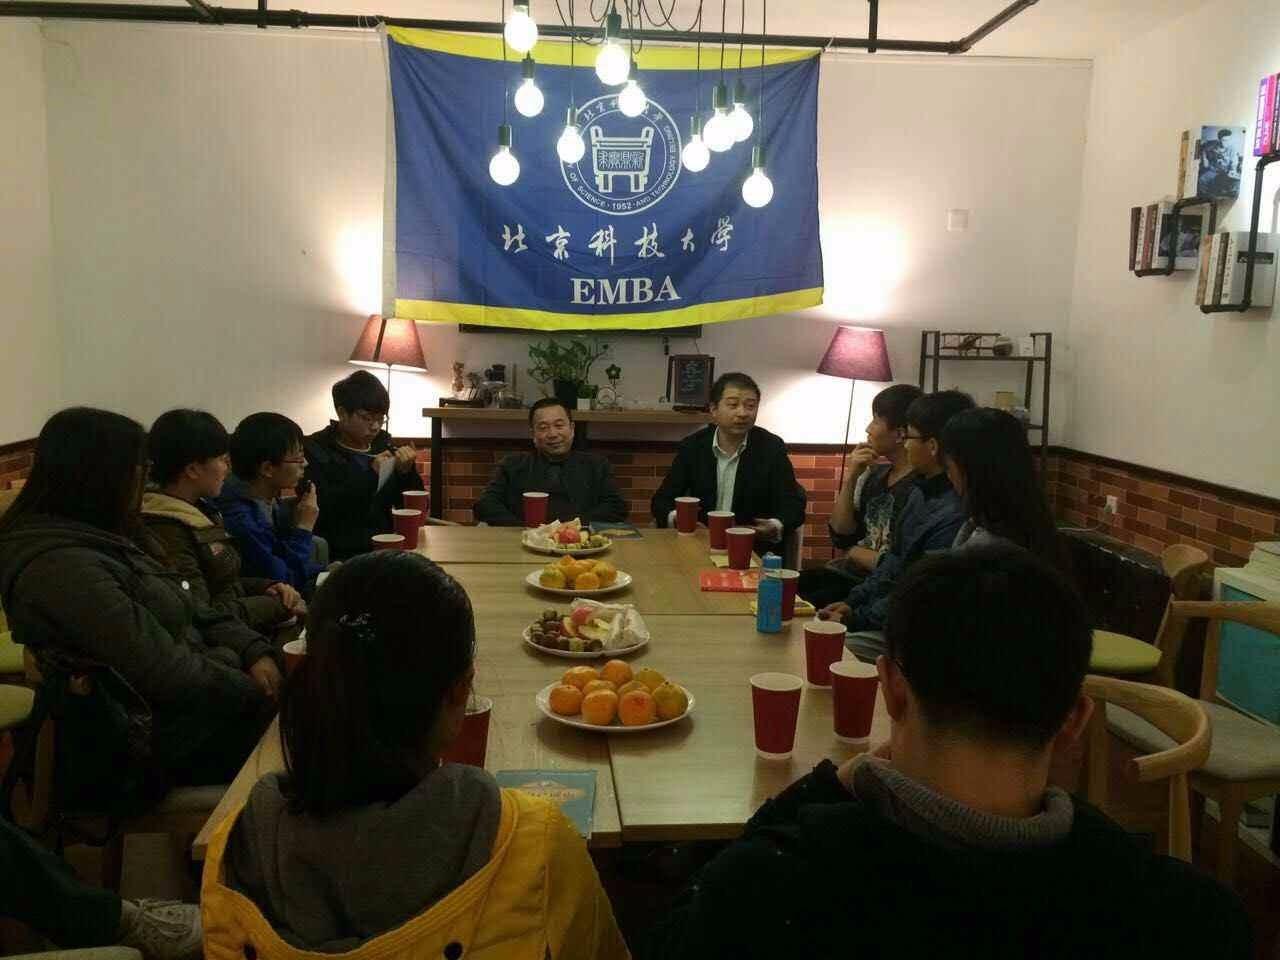 北京科技大学EMBA课外活动